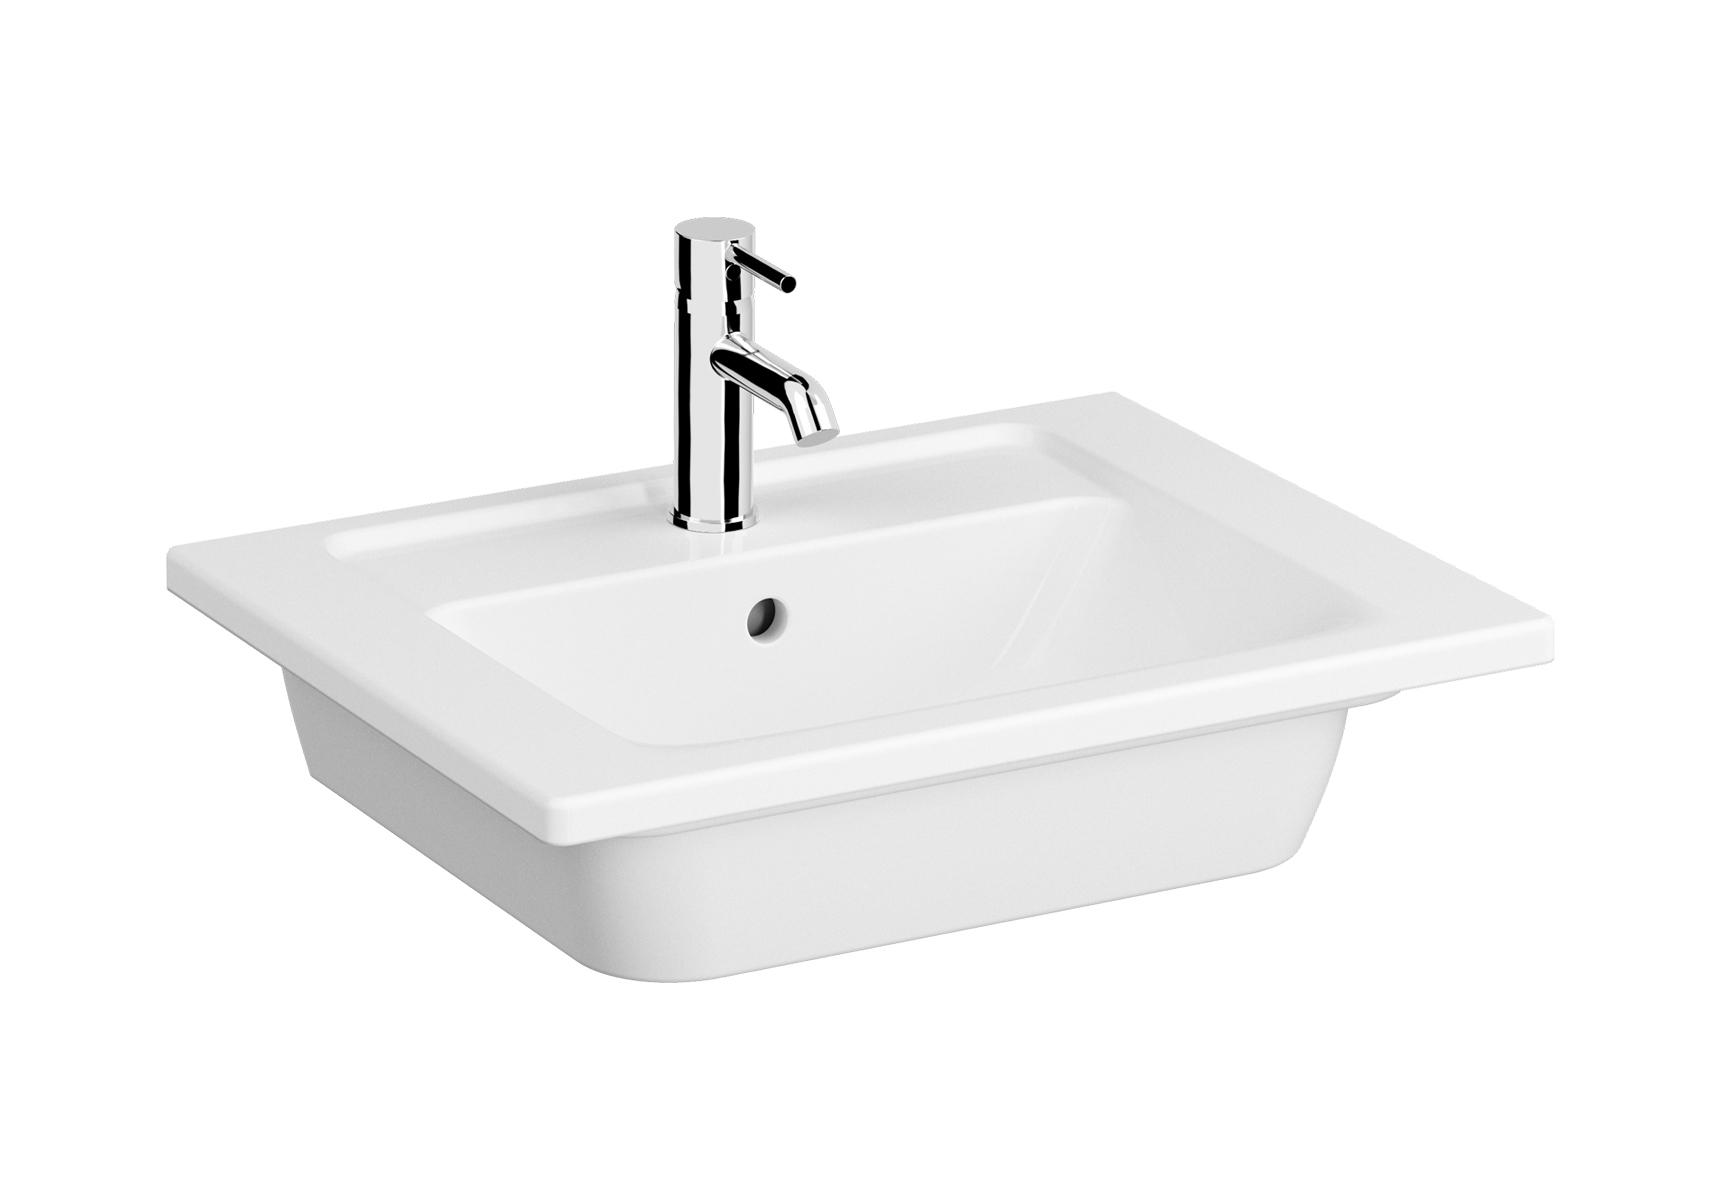 Integra plan céramique, 60 cm, avec trou de robinet, avec trop-plein